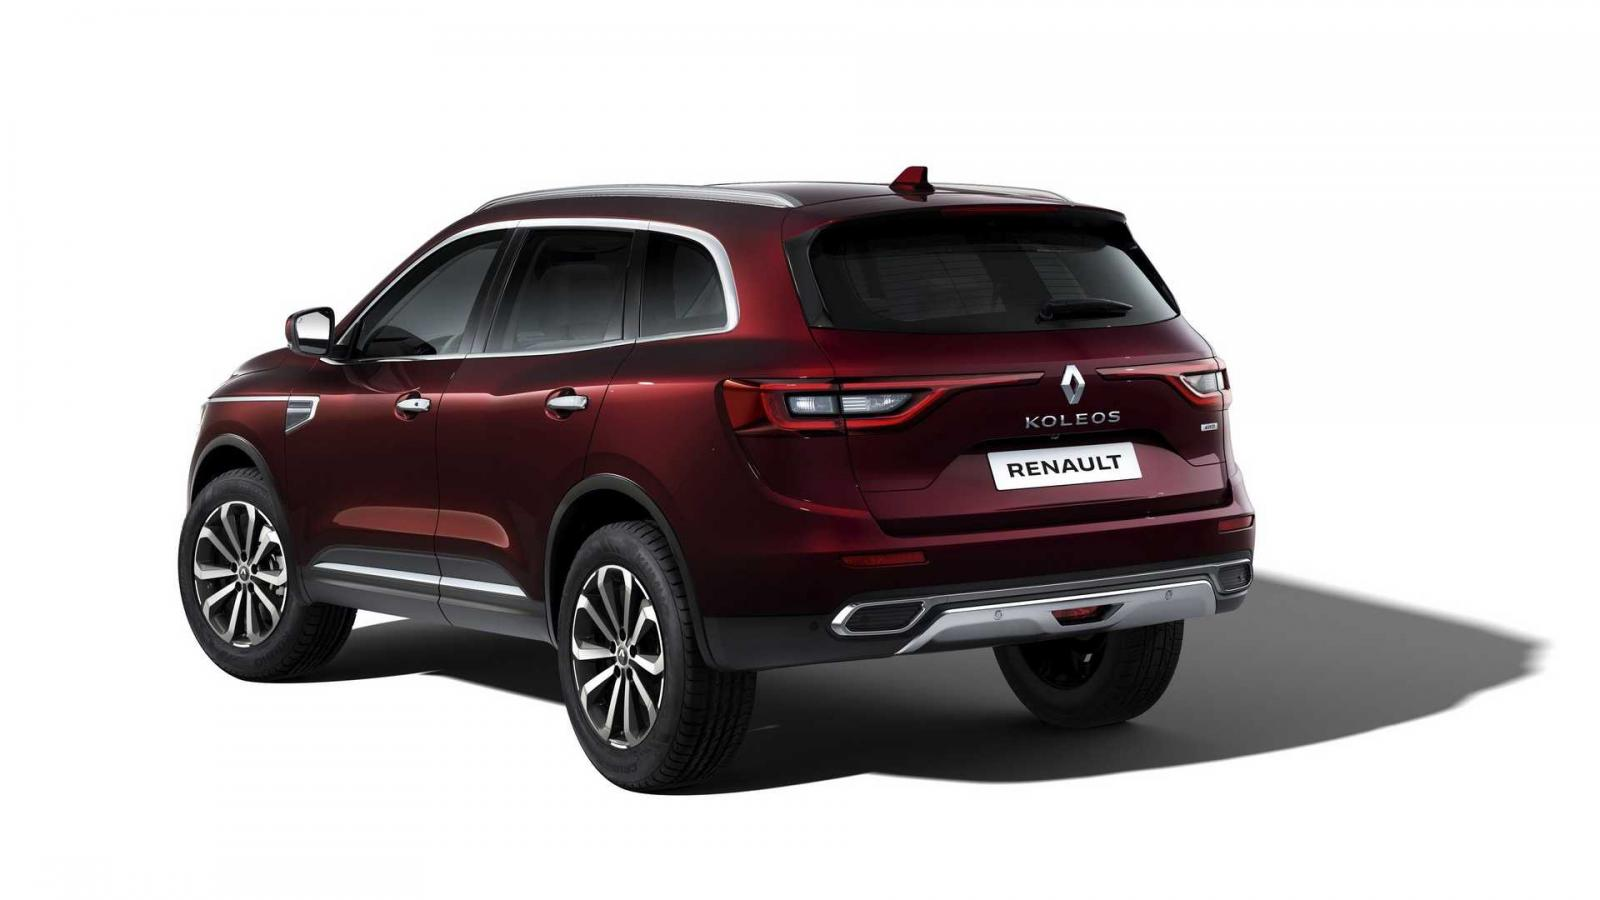 La parte trasera de la Renault Koleos 2020 tiene modificaciones menores como una luz de freno más grande